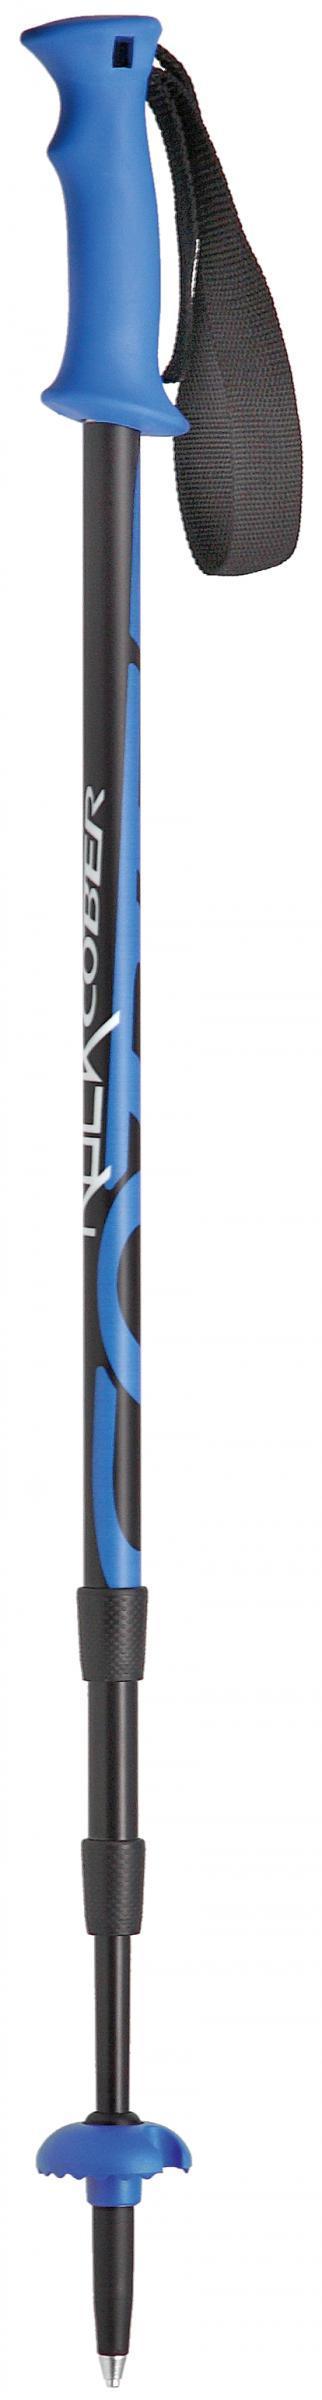 Палки треккинговые Cober TREKKING Rock blue - артикул: 696030287